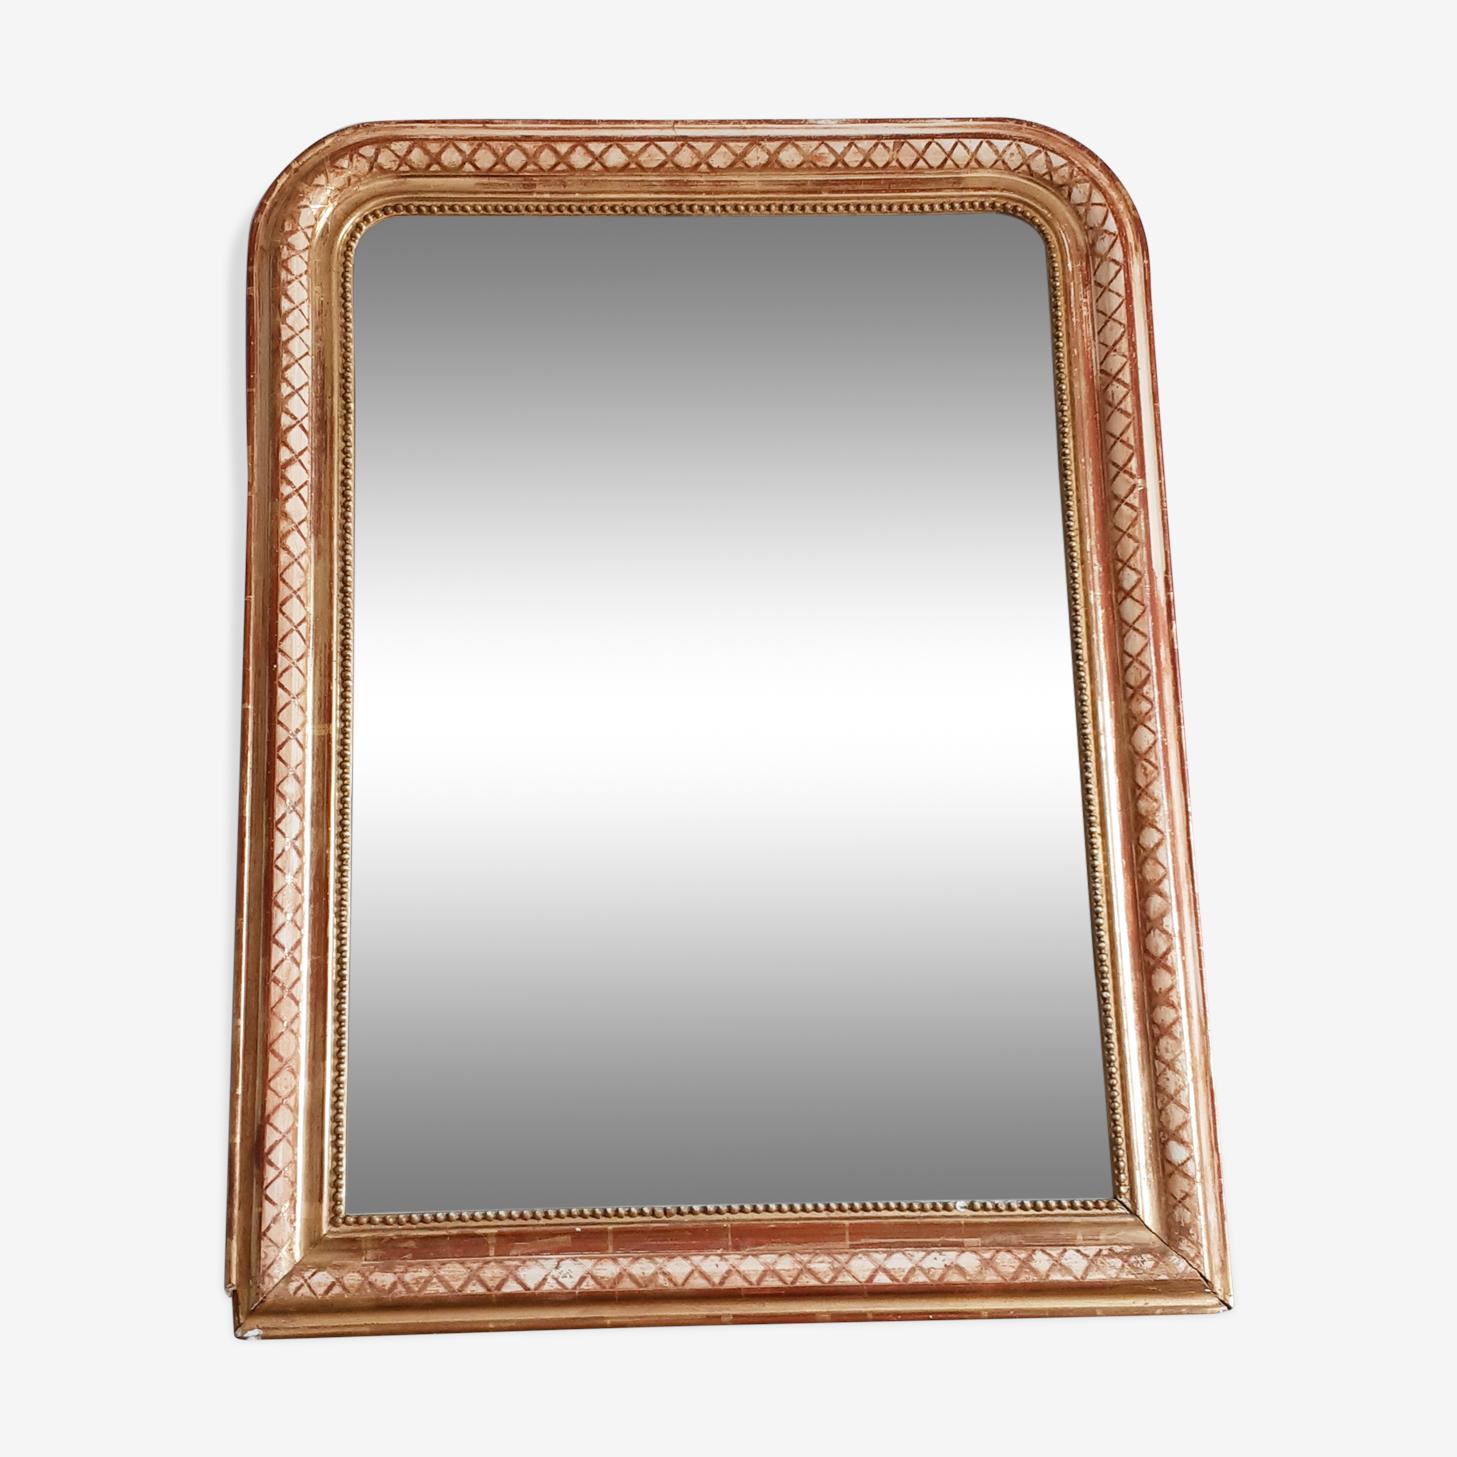 Miroir doré style Louis Philippe 90 x 69 cm